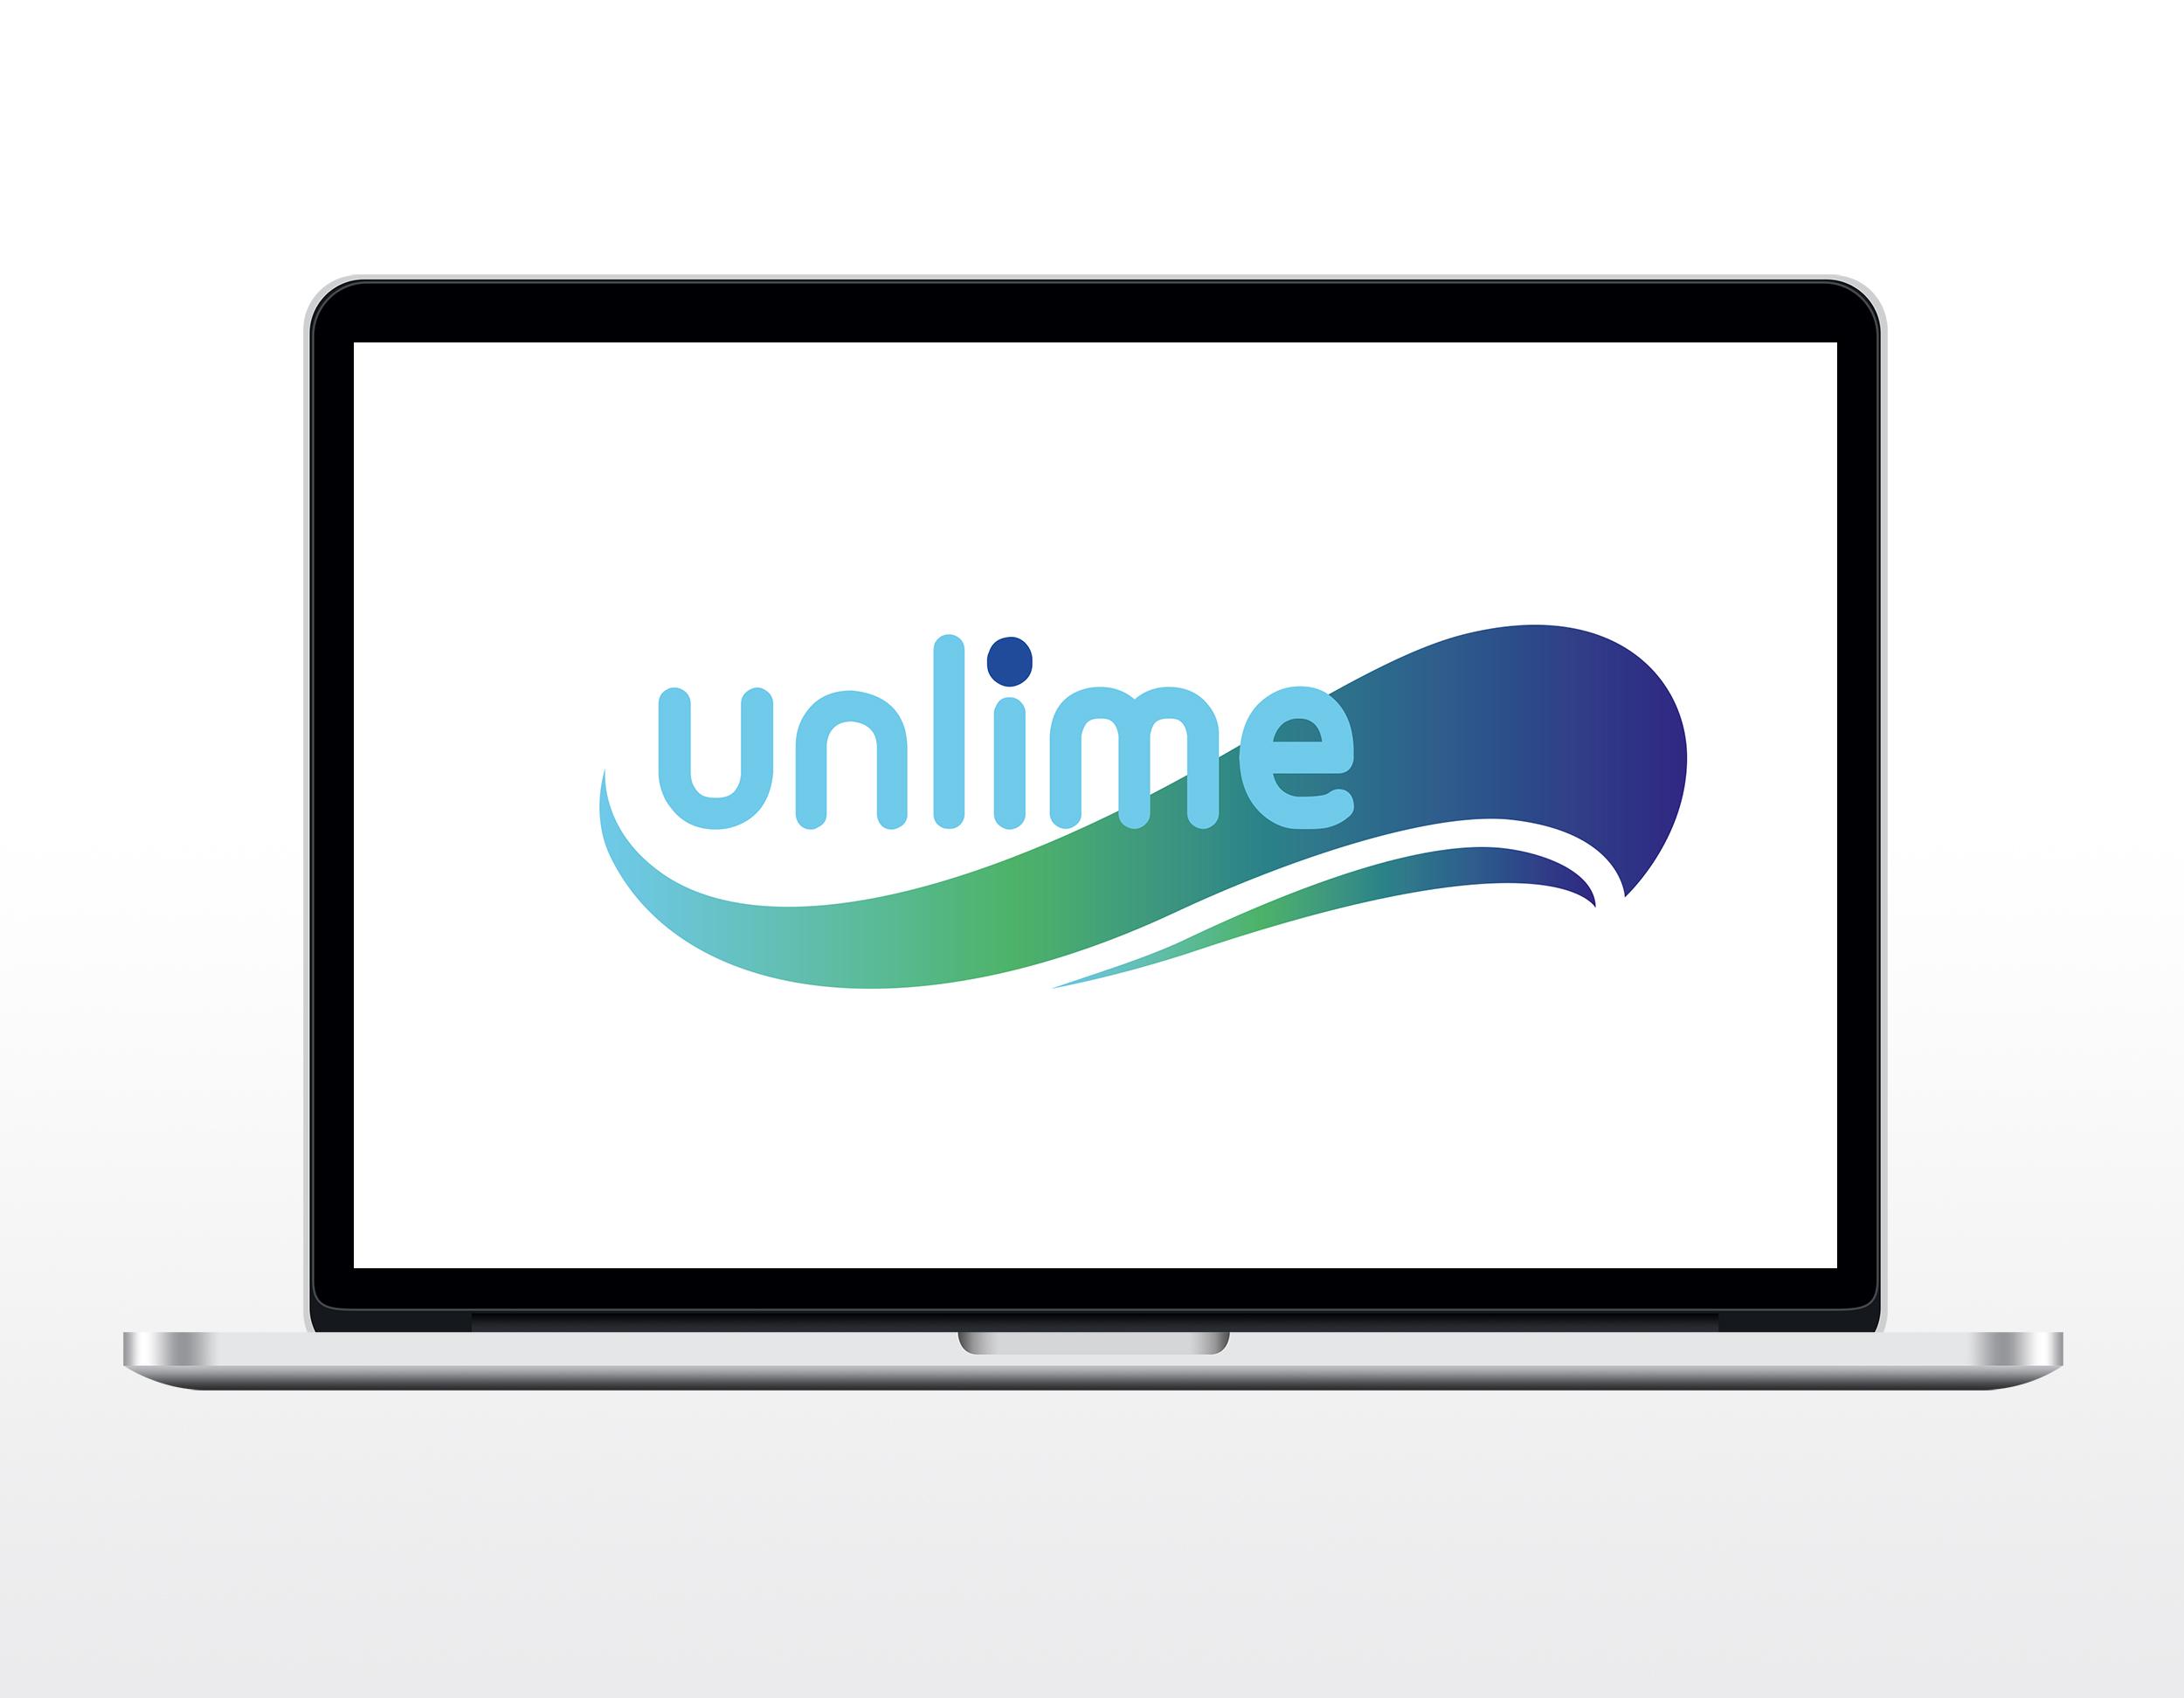 Разработка логотипа и фирменного стиля фото f_8495951d4f7bbf40.jpg